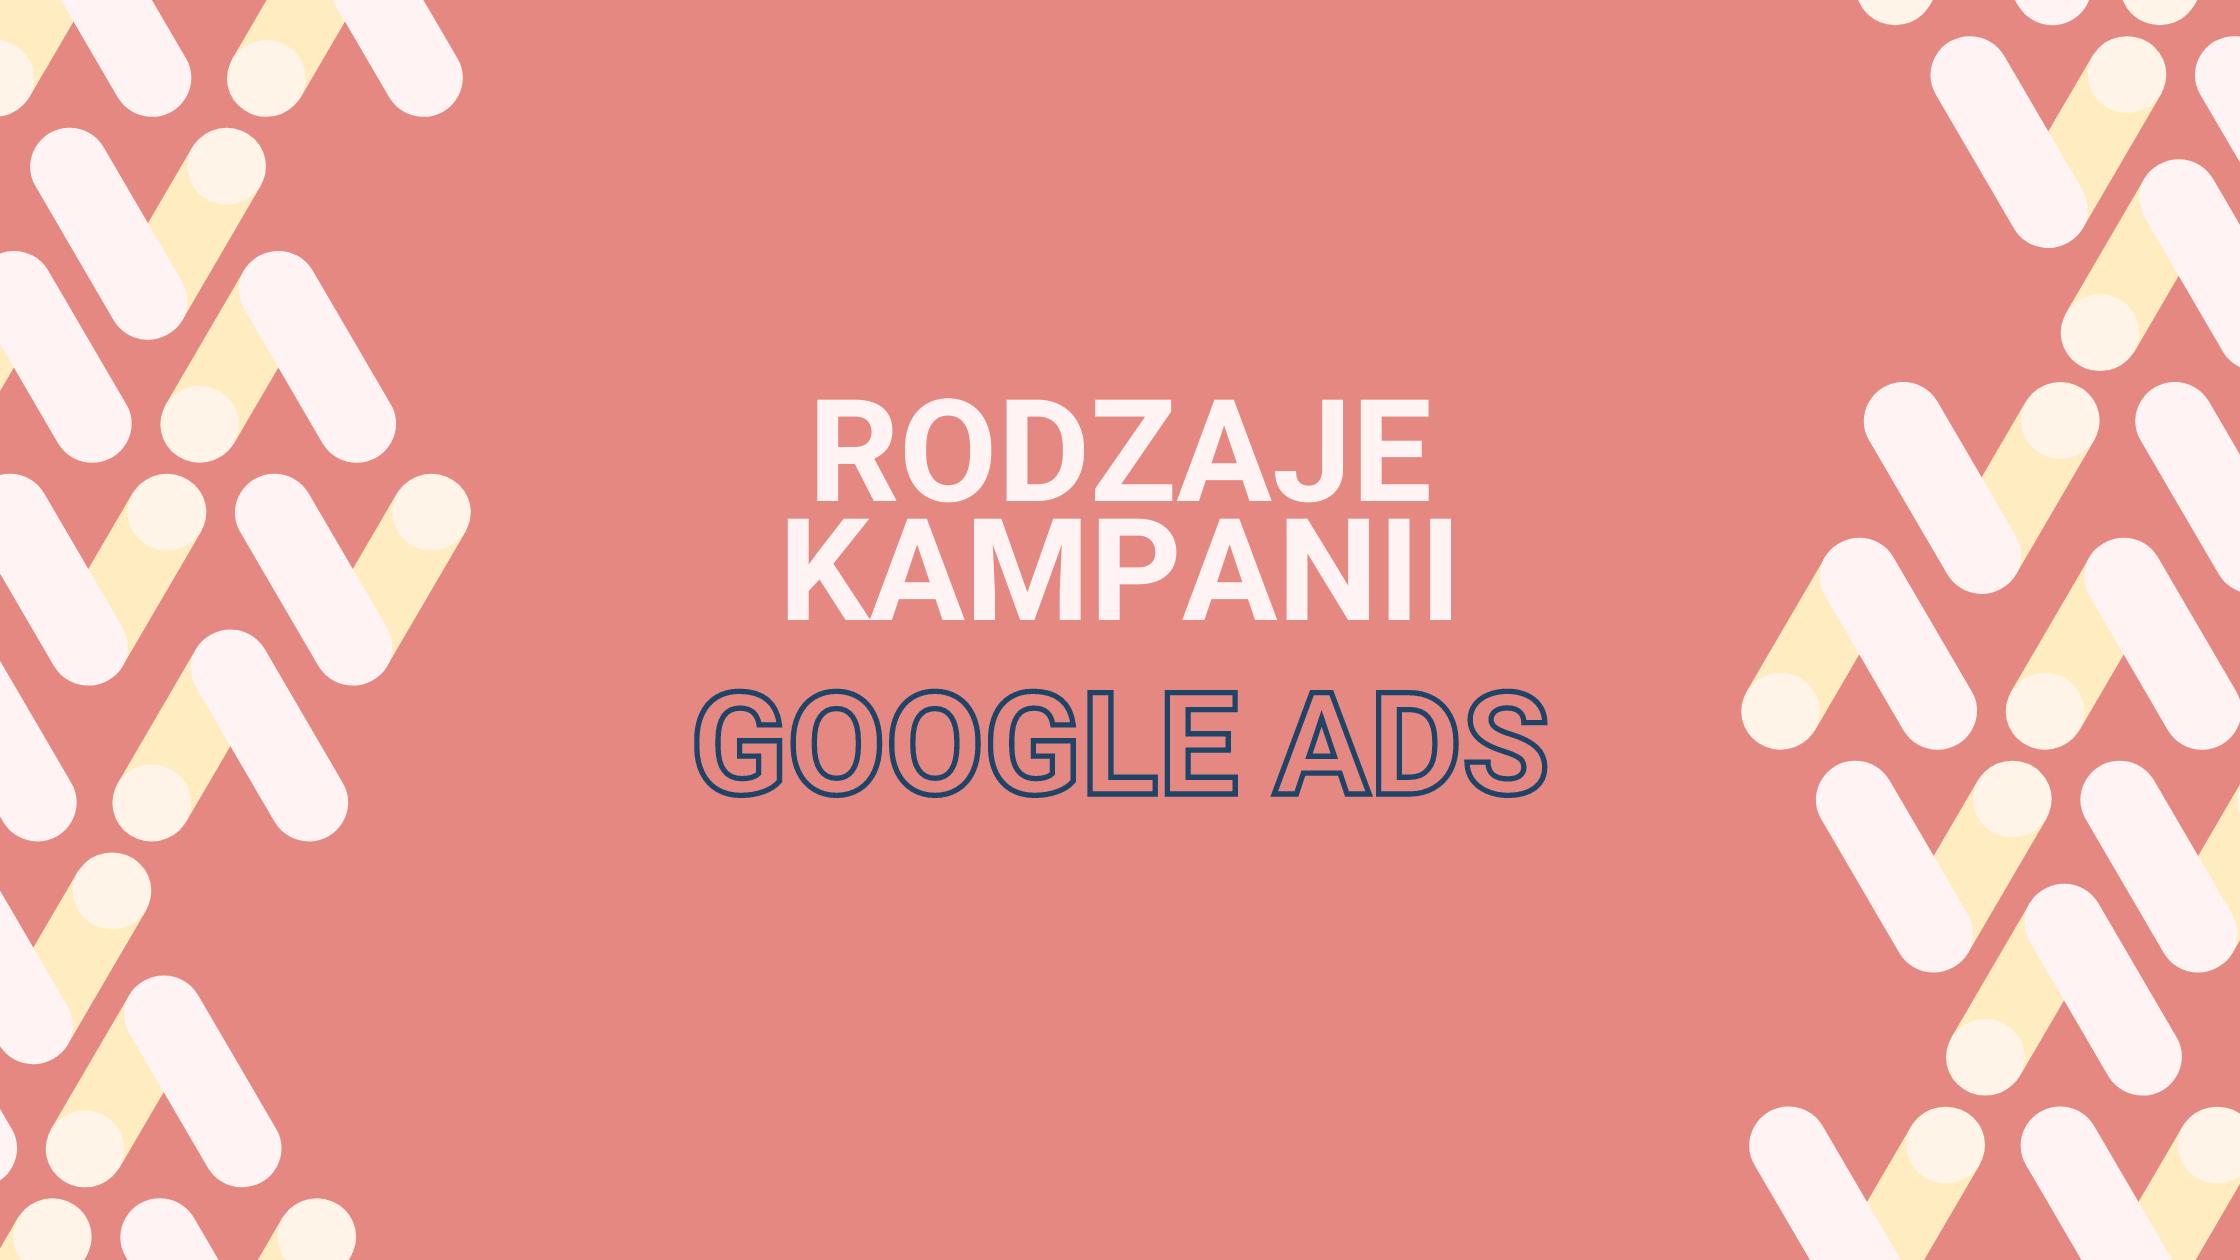 Rodzaje-kampanii-google-ads